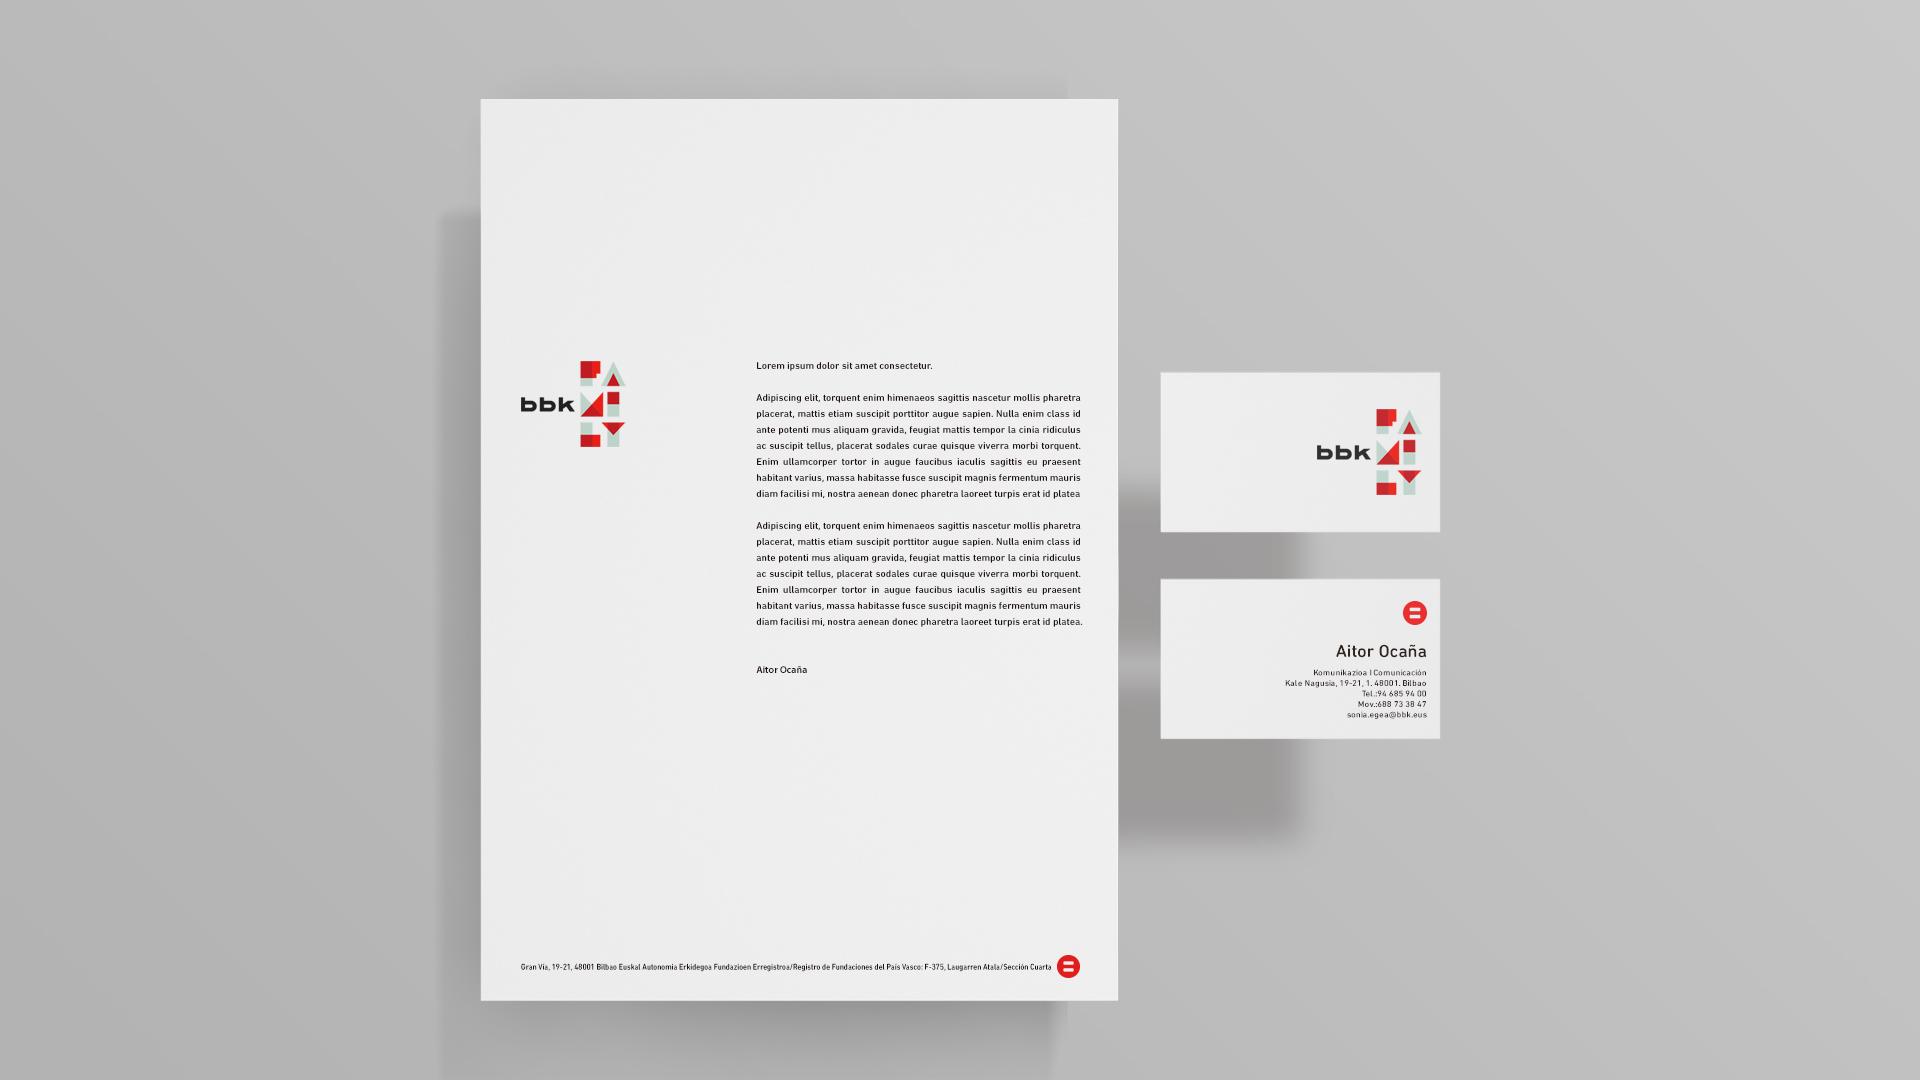 BBK Family diseño editorial branding comunicación corporativa